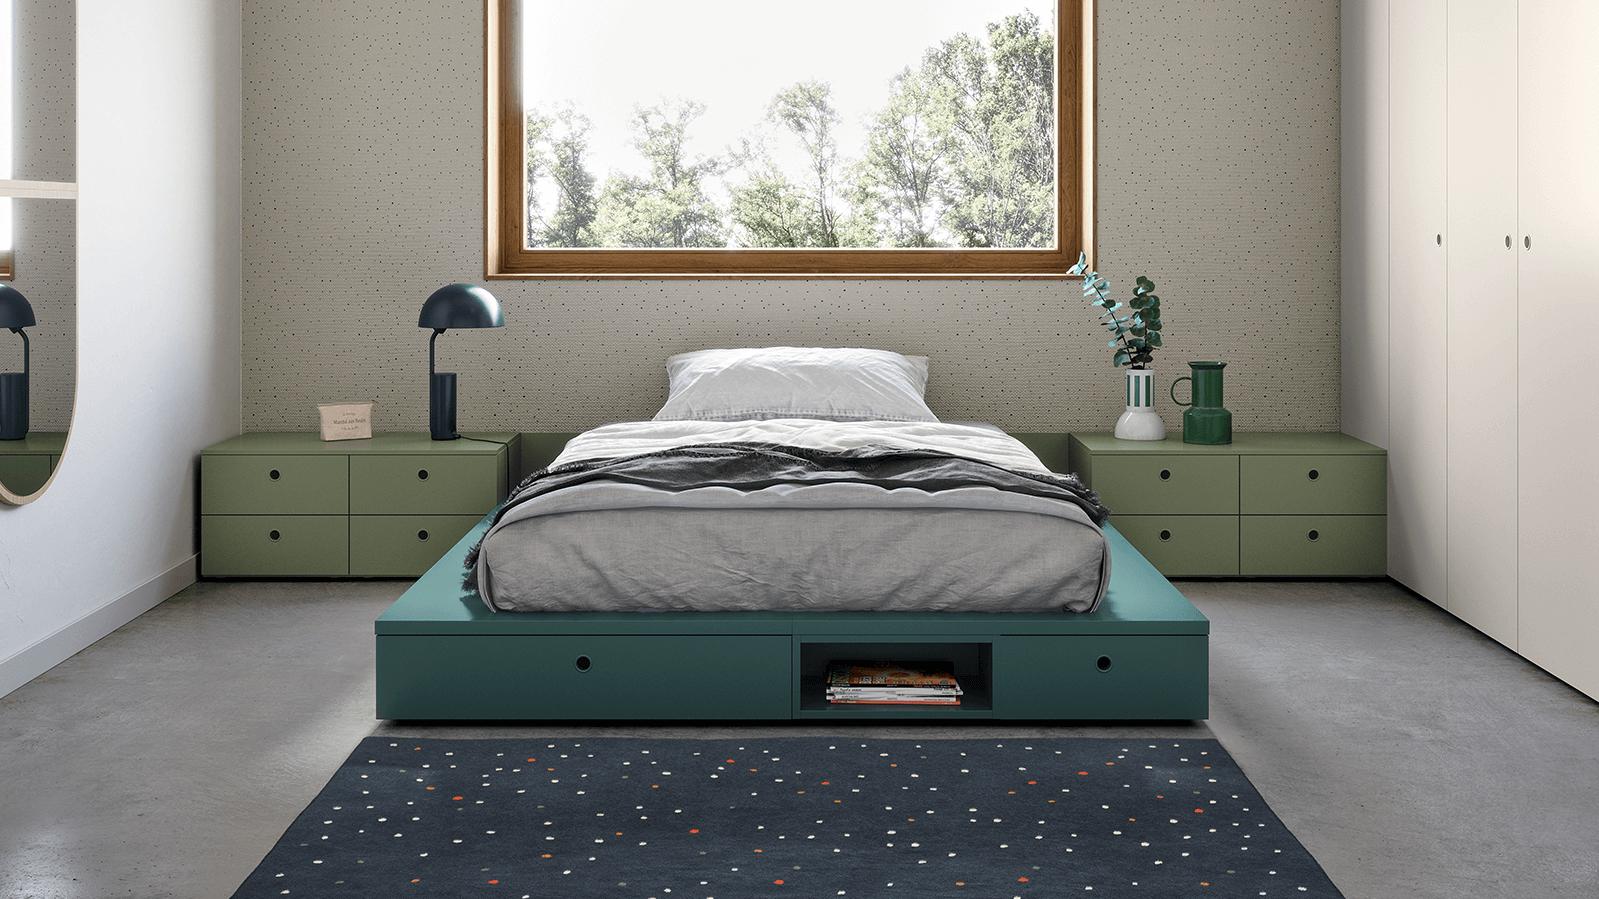 Regoli bed